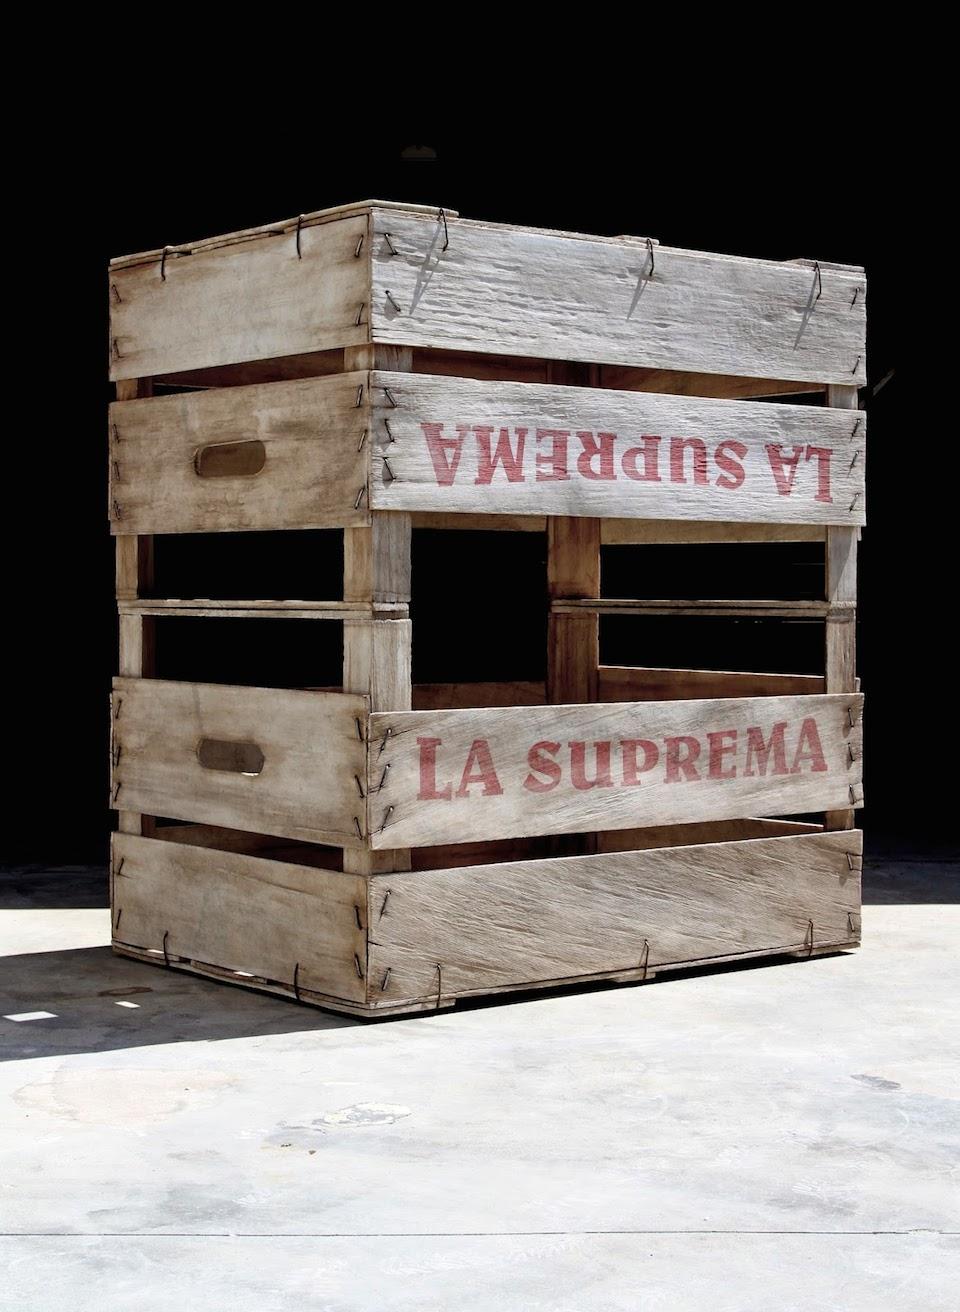 FABIO VIALE – La suprema